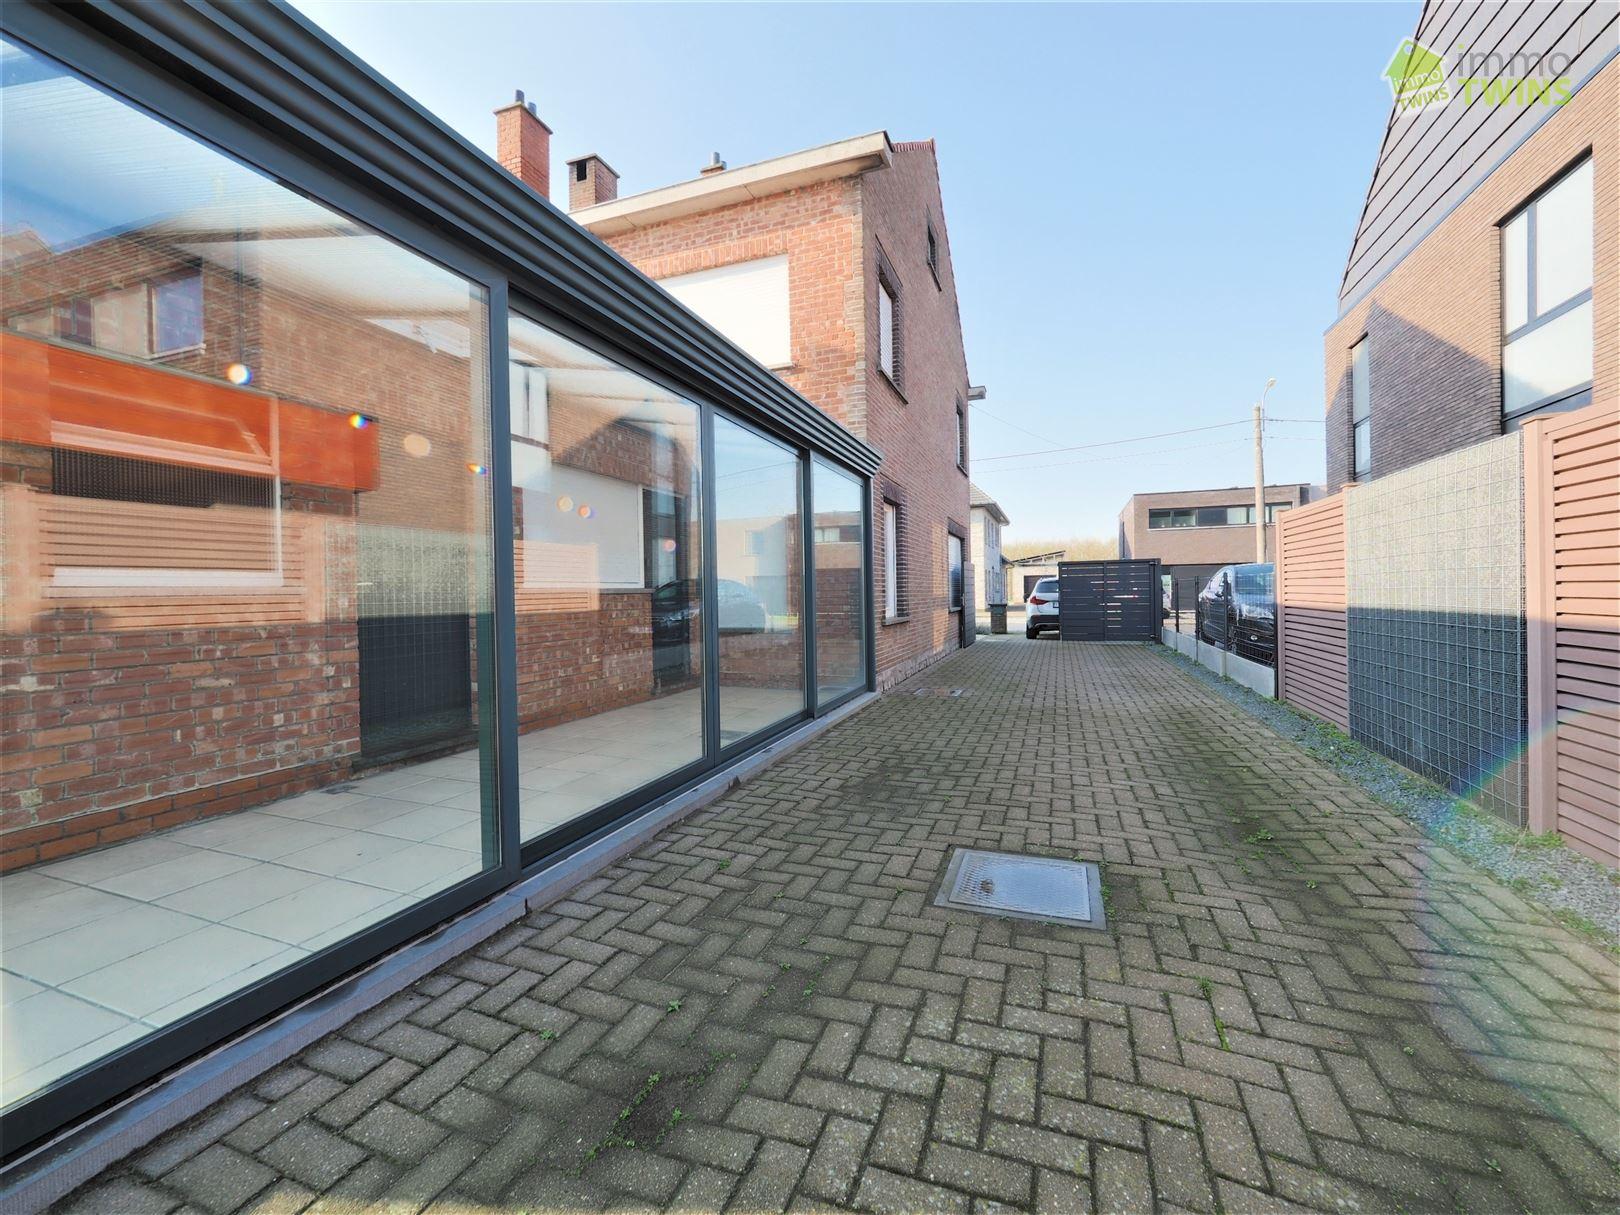 Foto 16 : Huis te 9200 SINT-GILLIS-DENDERMONDE (België) - Prijs € 259.000